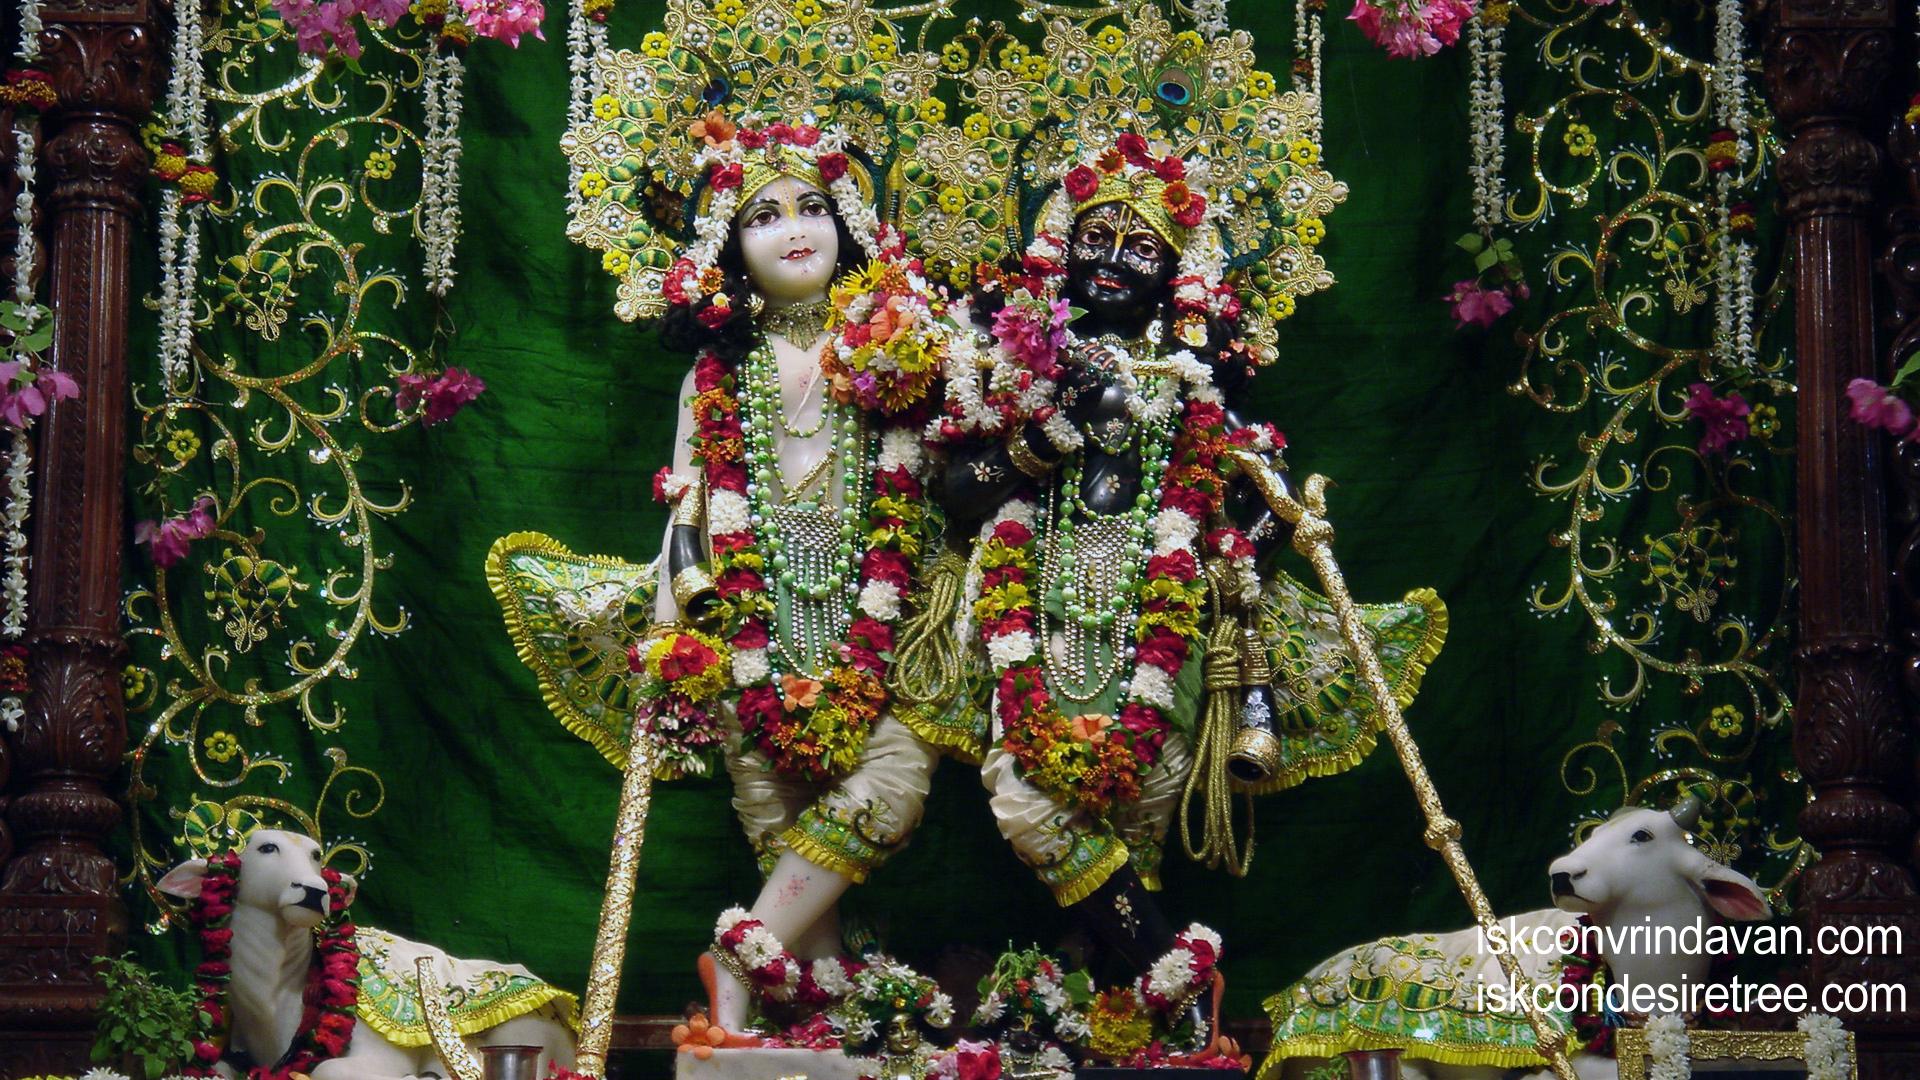 Sri Sri Krishna Balaram Wallpaper (056) Size 1920x1080 Download